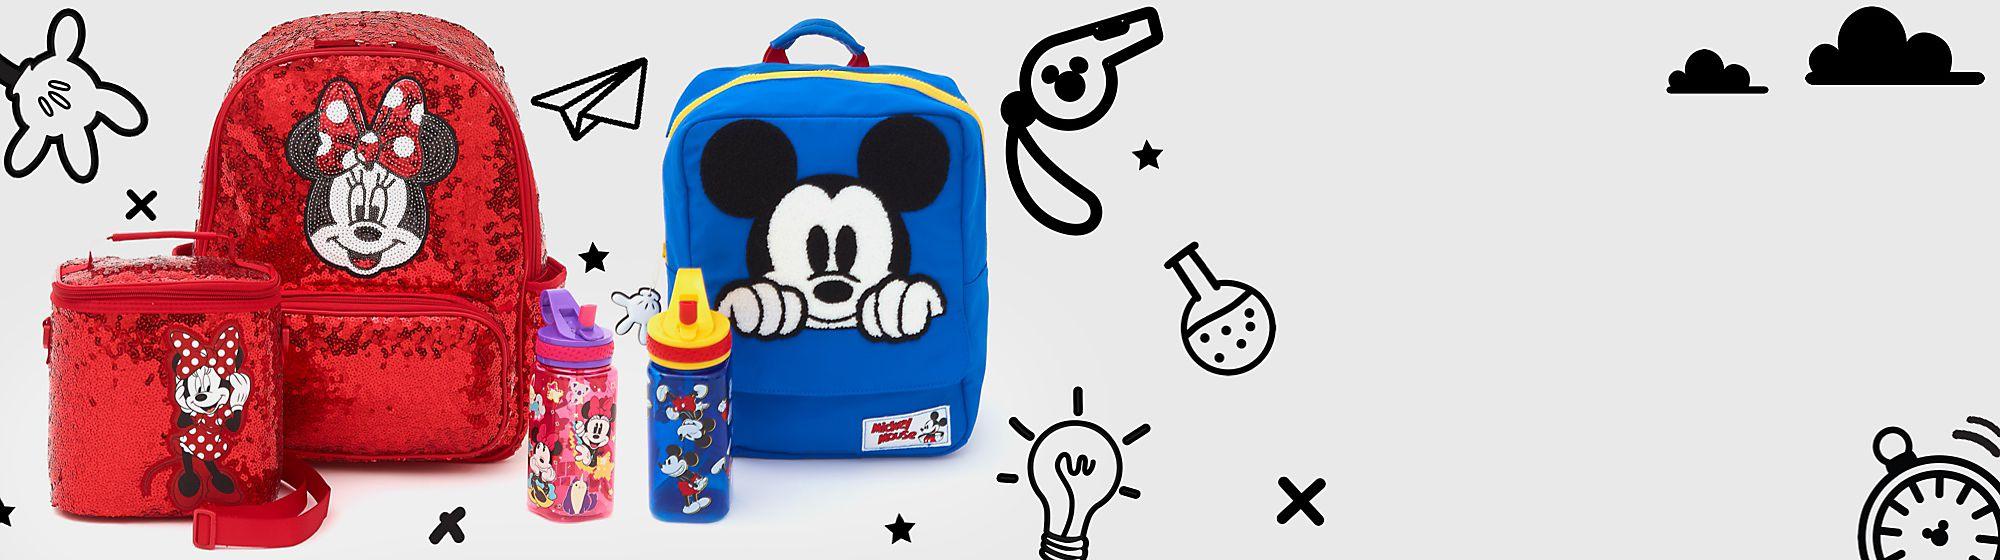 Schulanfang Mach dich bereit für die Schule mit einer großen Vielfalt an Kleidung, Rucksäcken und Schreibwaren mit deinen Lieblings-Disneyfiguren .